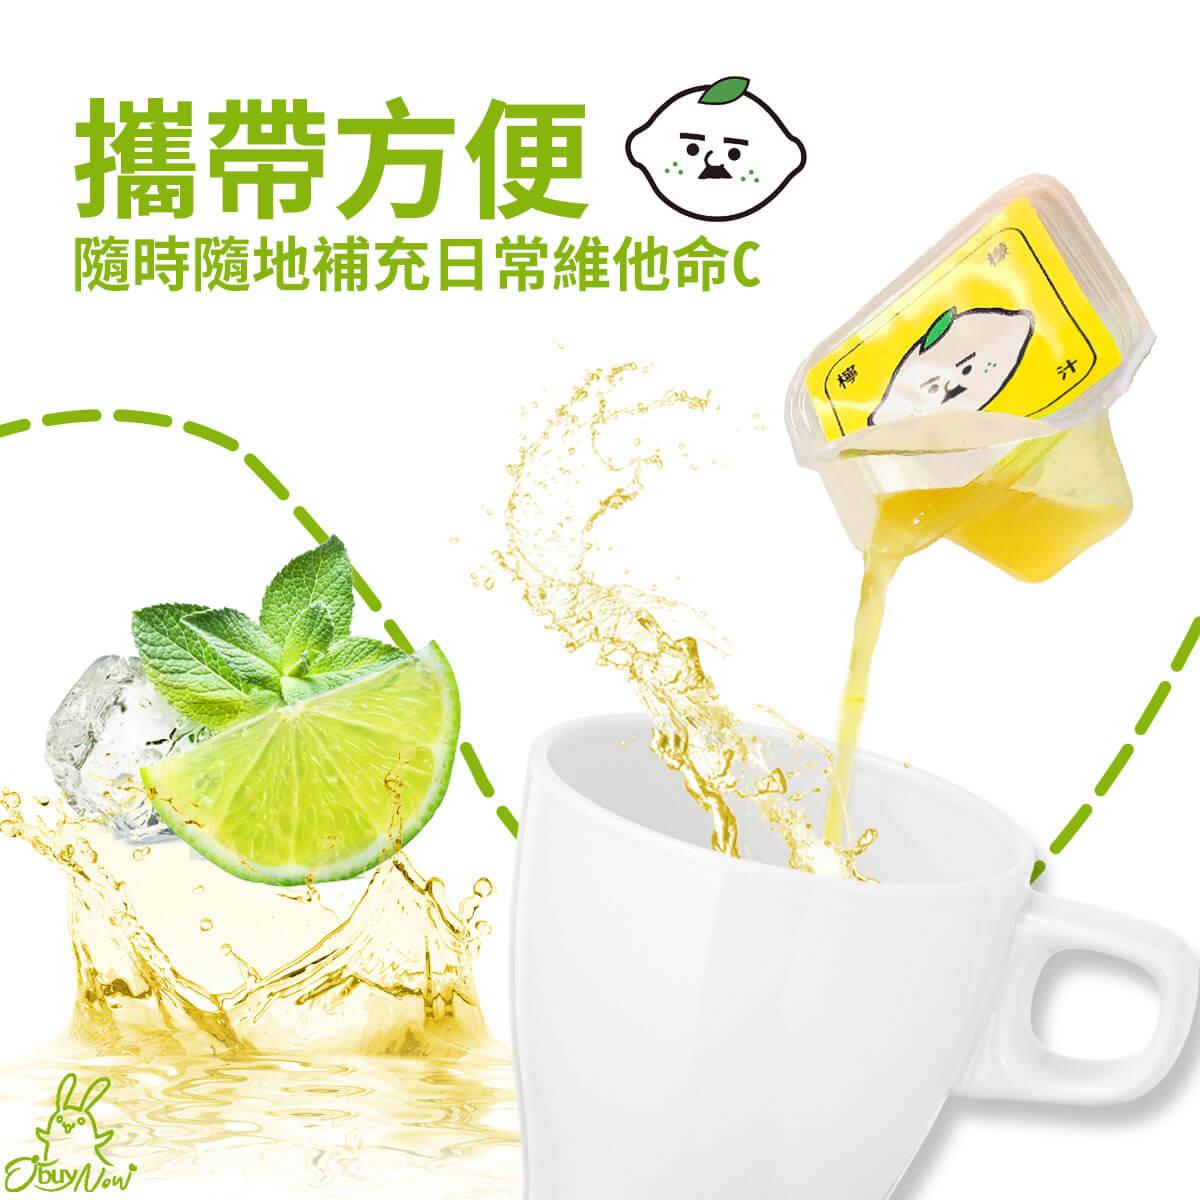 檸檬原汁08-1.jpg